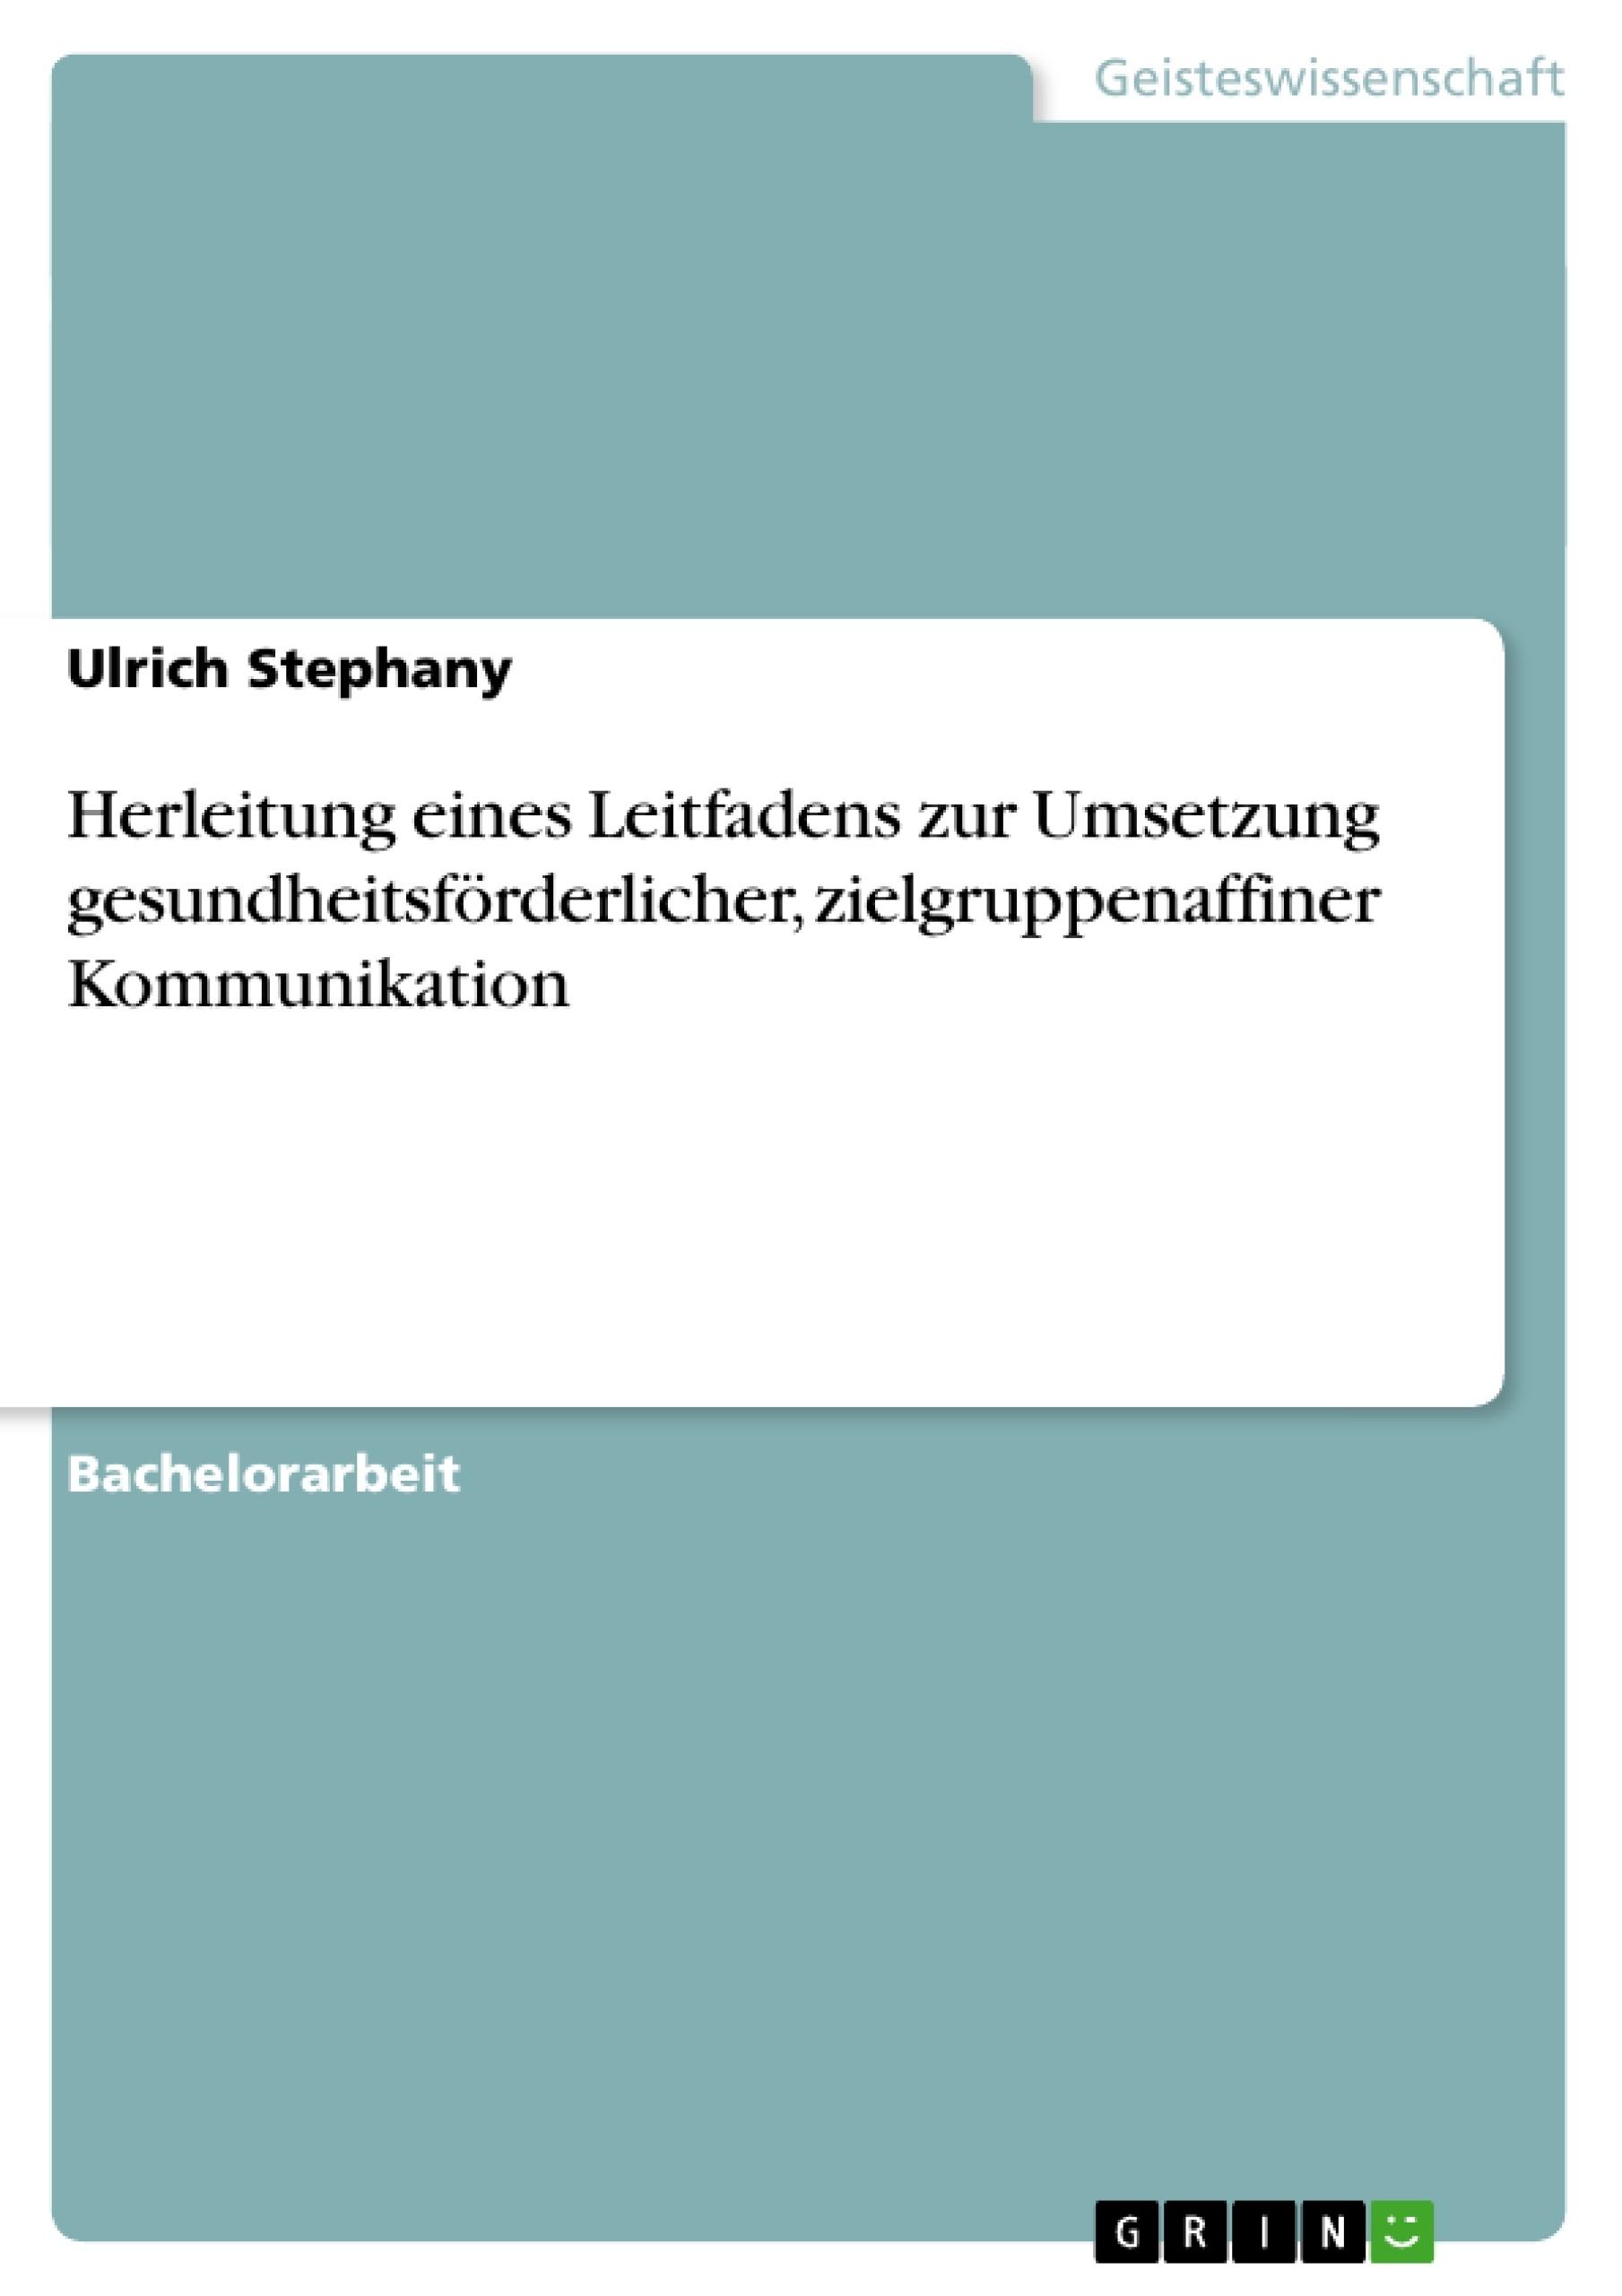 Titel: Herleitung eines Leitfadens zur Umsetzung gesundheitsförderlicher, zielgruppenaffiner Kommunikation